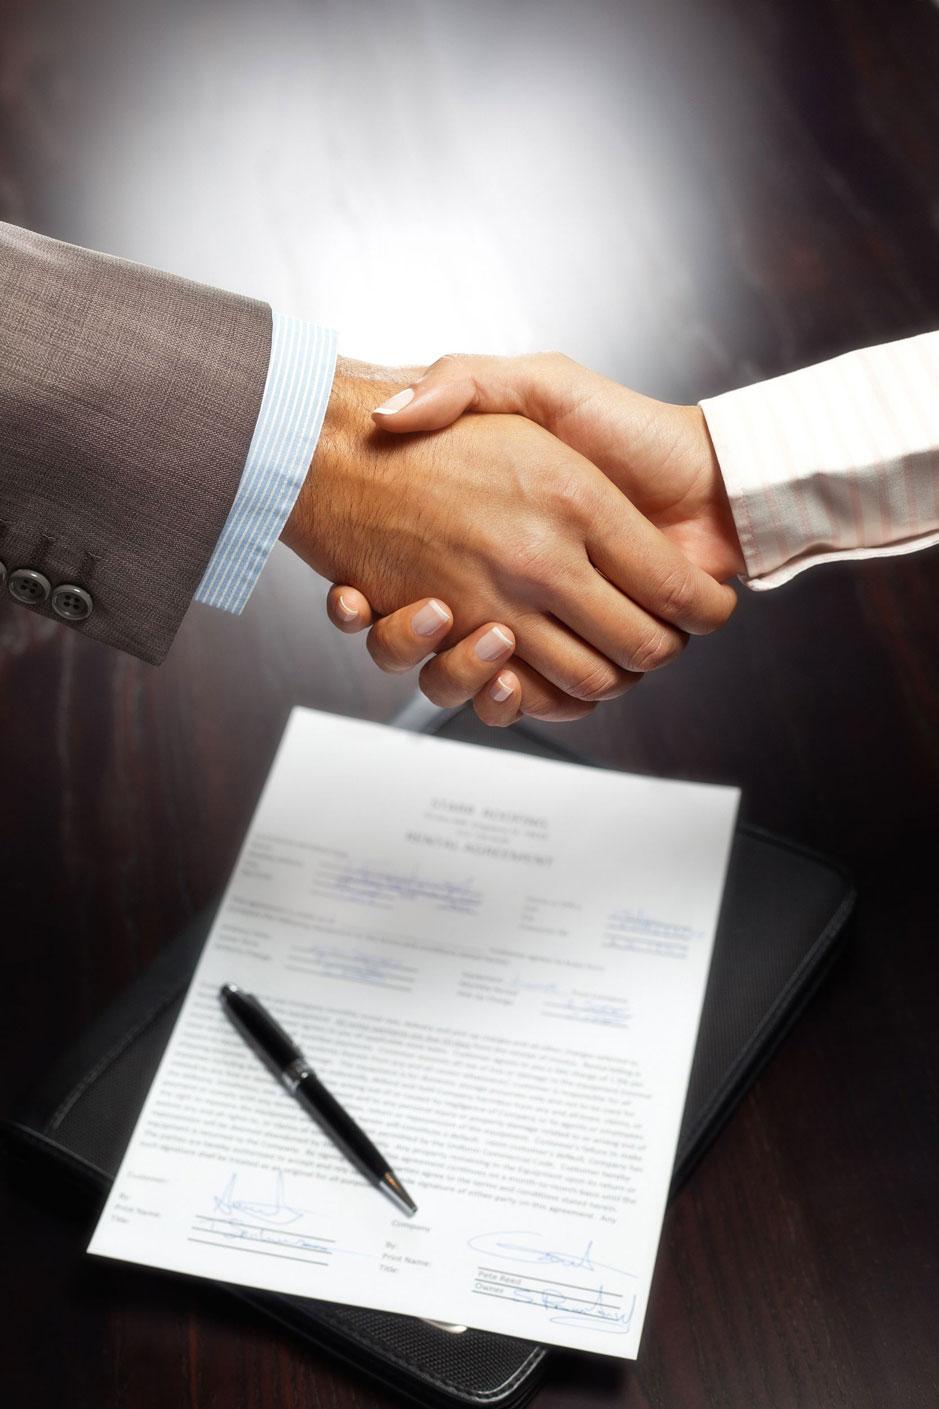 Срочный трудовой договор: плюсы и минусы для работника